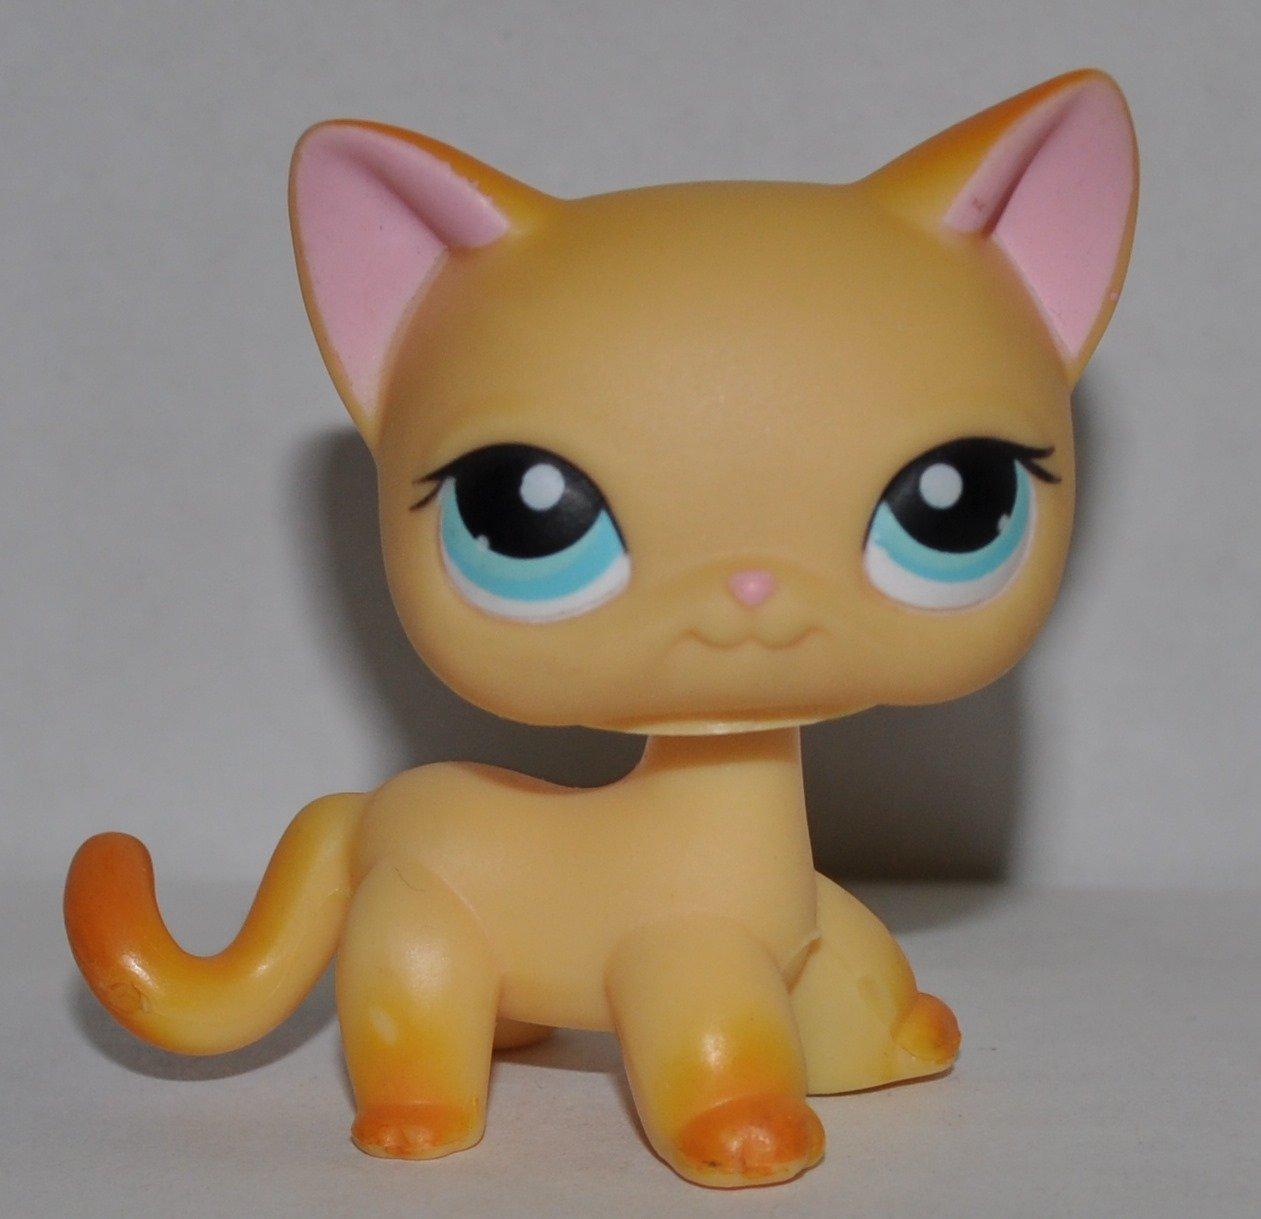 Littlest Pet Shop #339 Raceabout Ranch Cat Brooke Lps hasbro